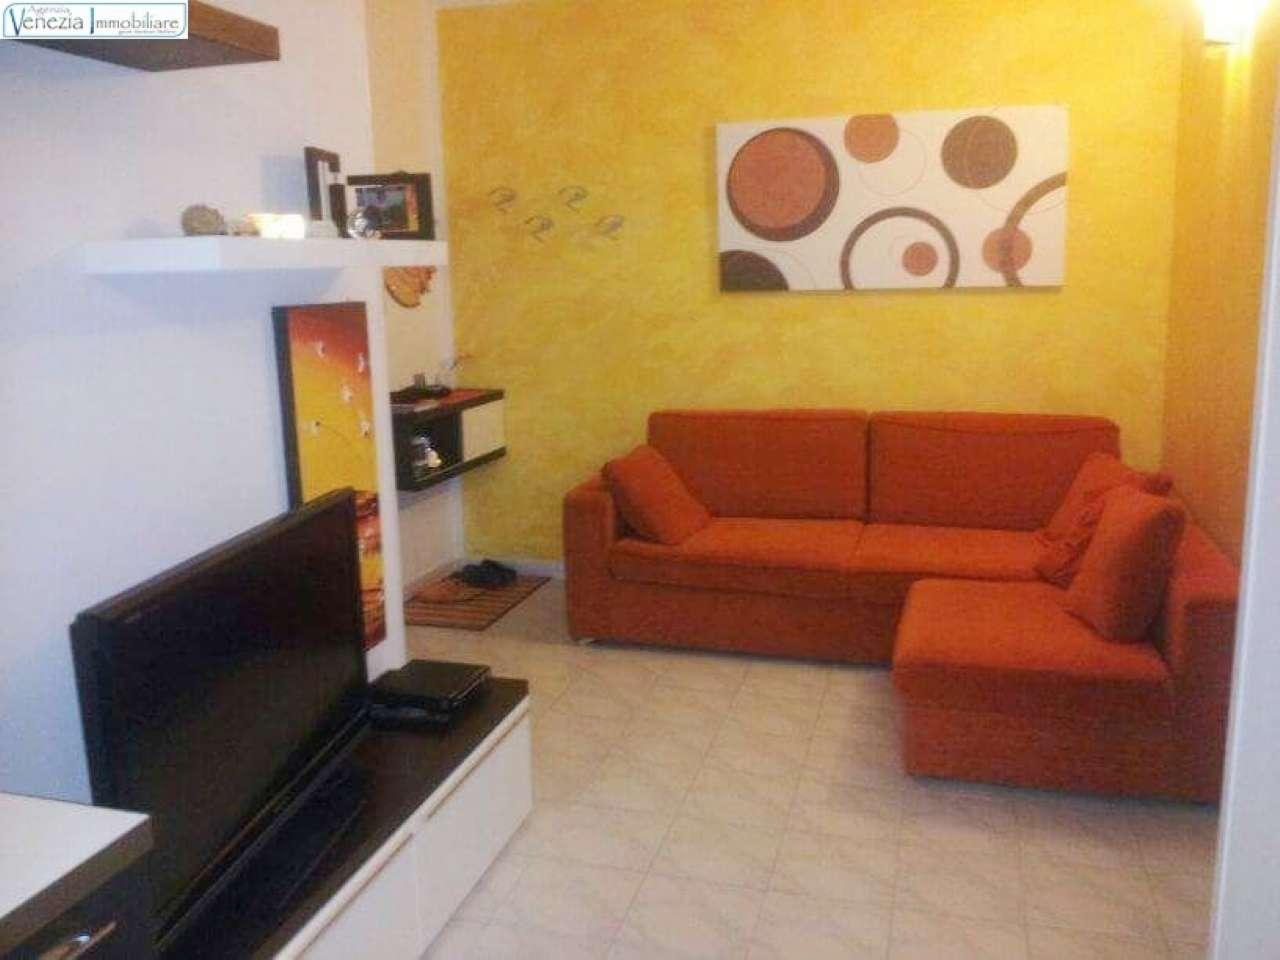 Appartamento in vendita a Chioggia, 4 locali, prezzo € 160.000 | PortaleAgenzieImmobiliari.it